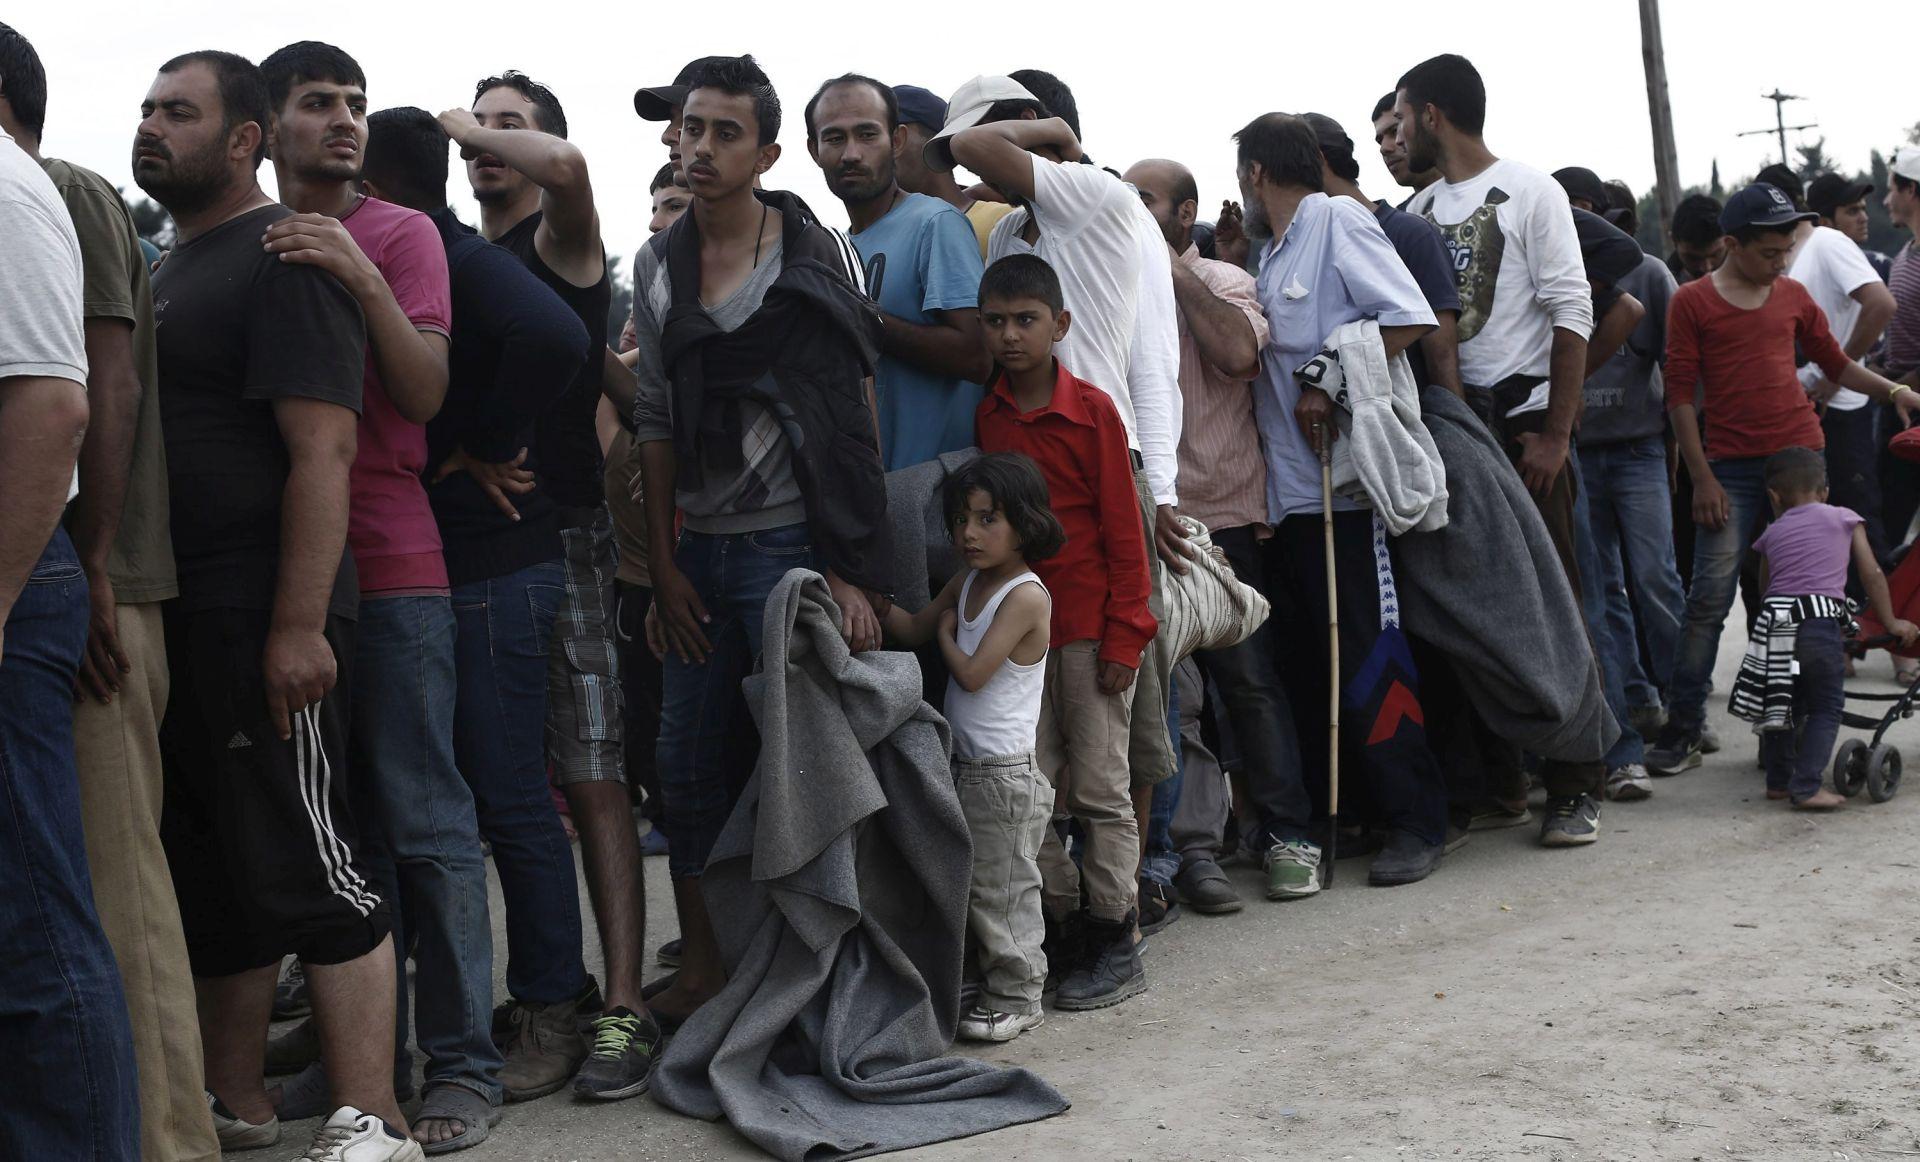 GRČKI PREMIJER: Priljev migranata smanjio se nakon sporazuma EU-Turska